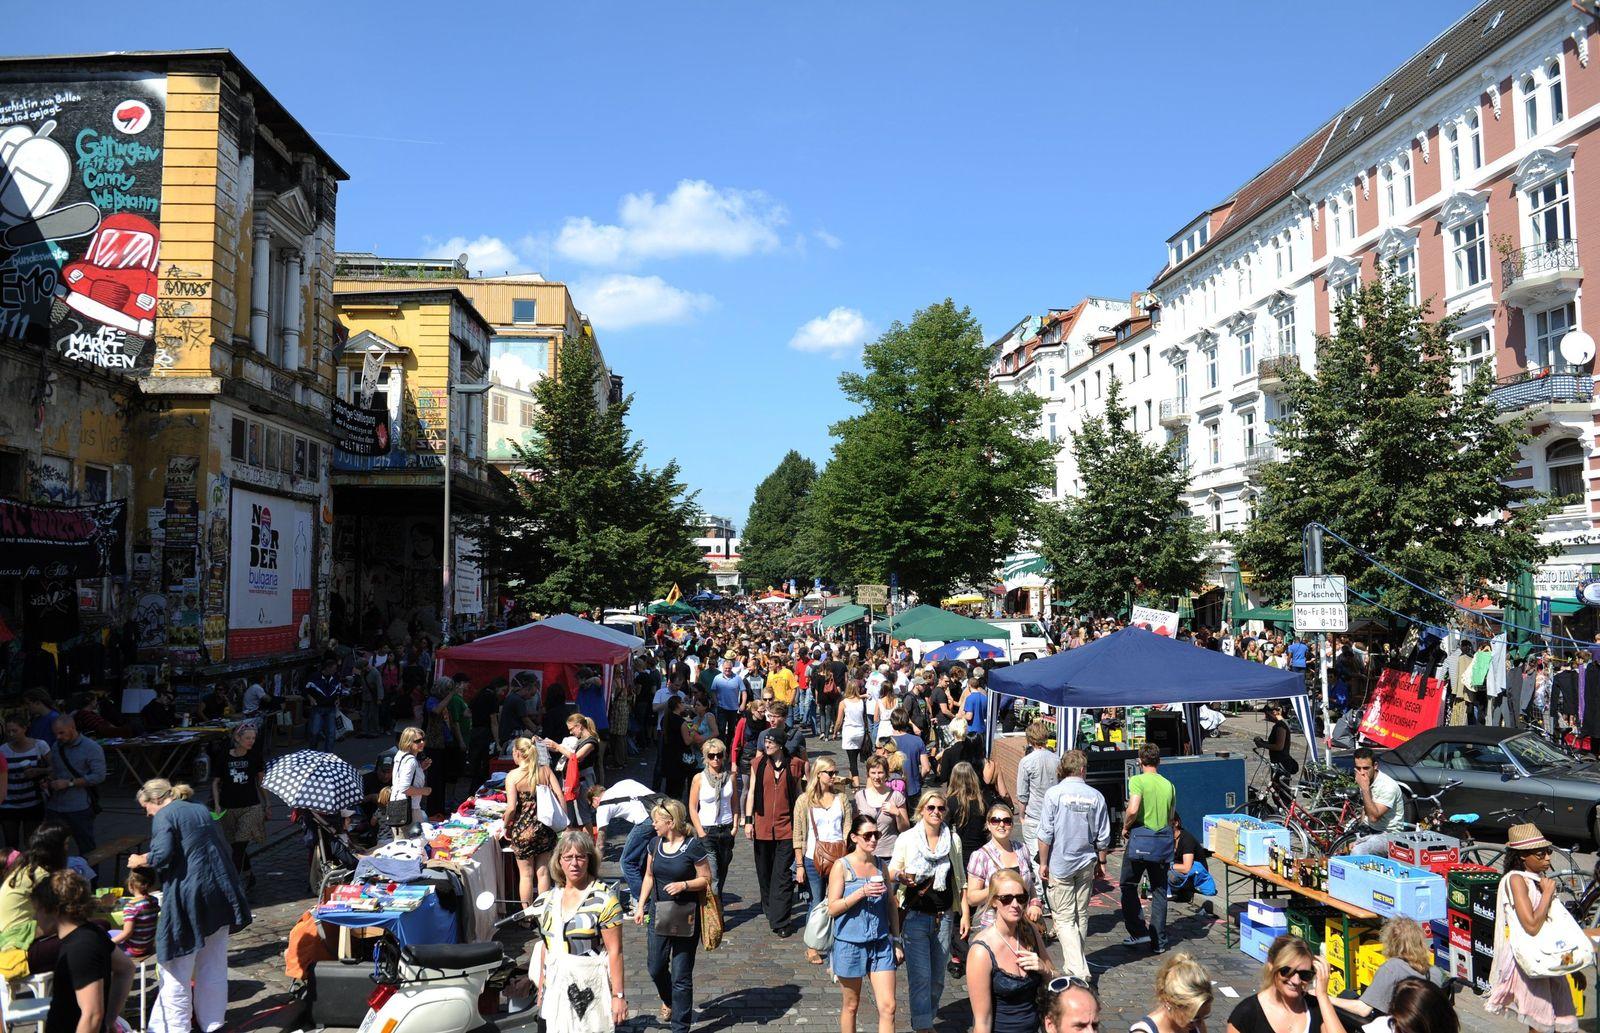 Schanzenfest/ Schnazenviertel/ Schulterblatt